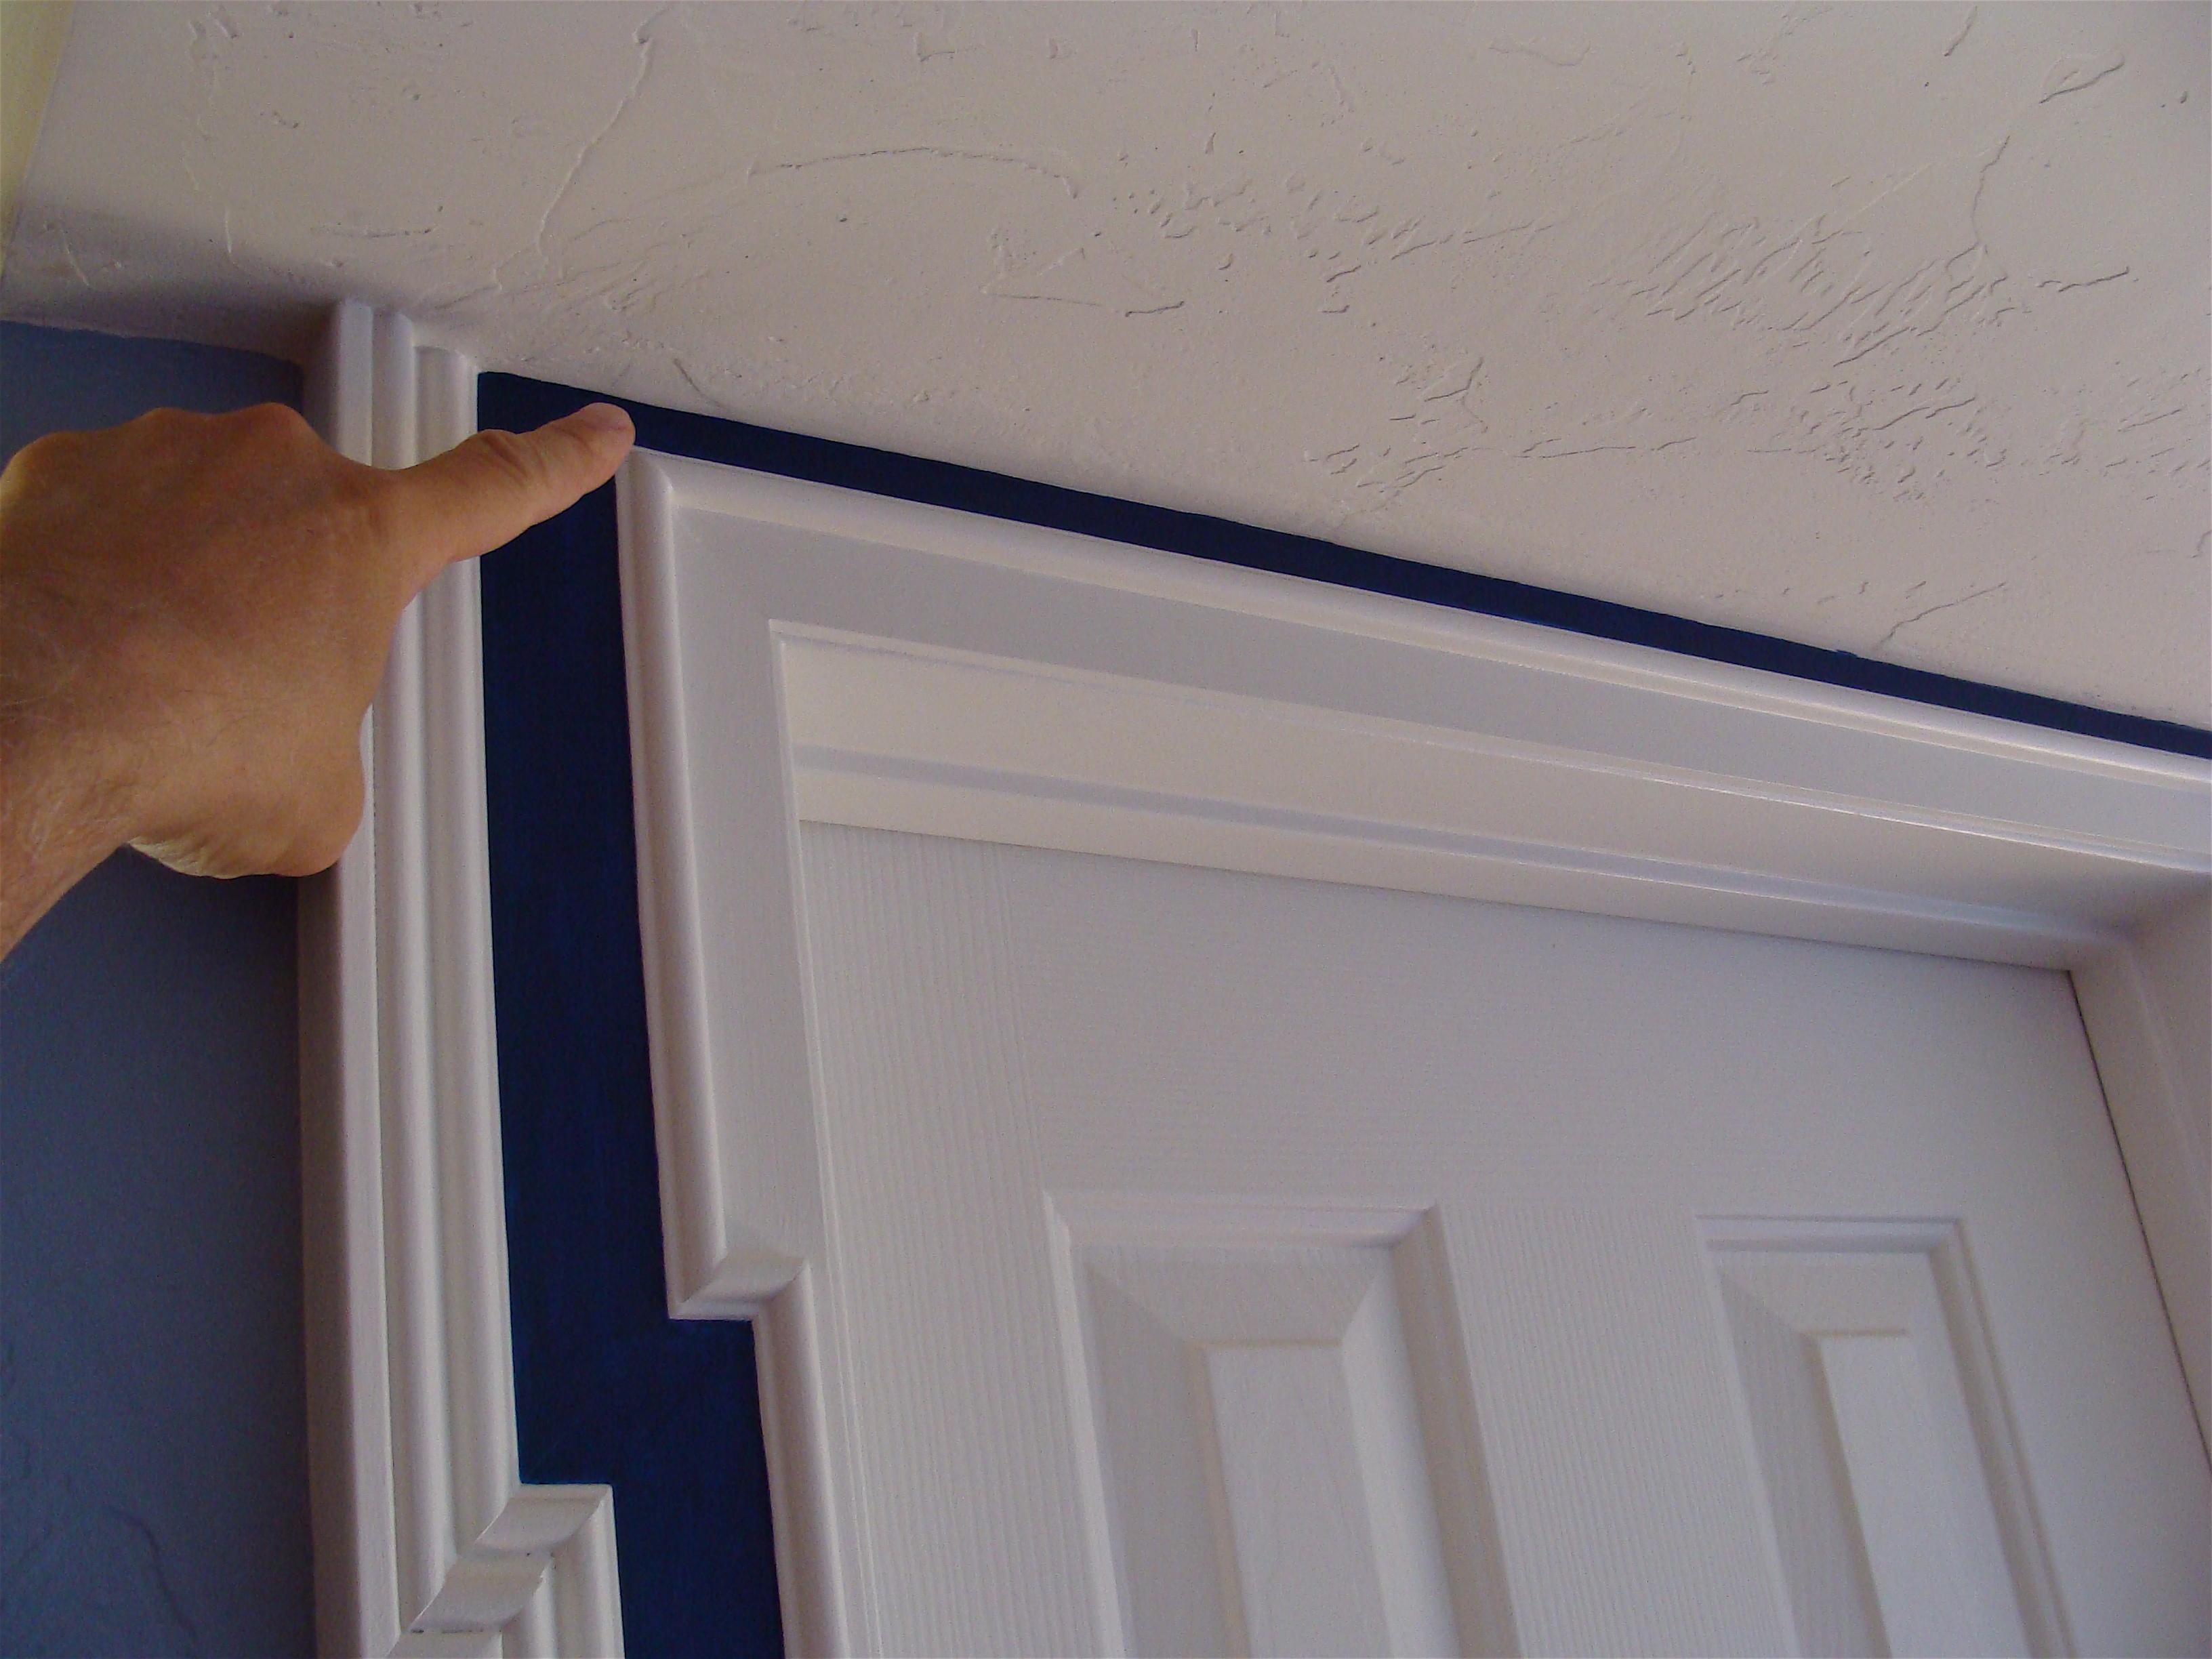 Doorway Trim Molding Molding Dissolve Door Trim The Joy Of Moldingscom